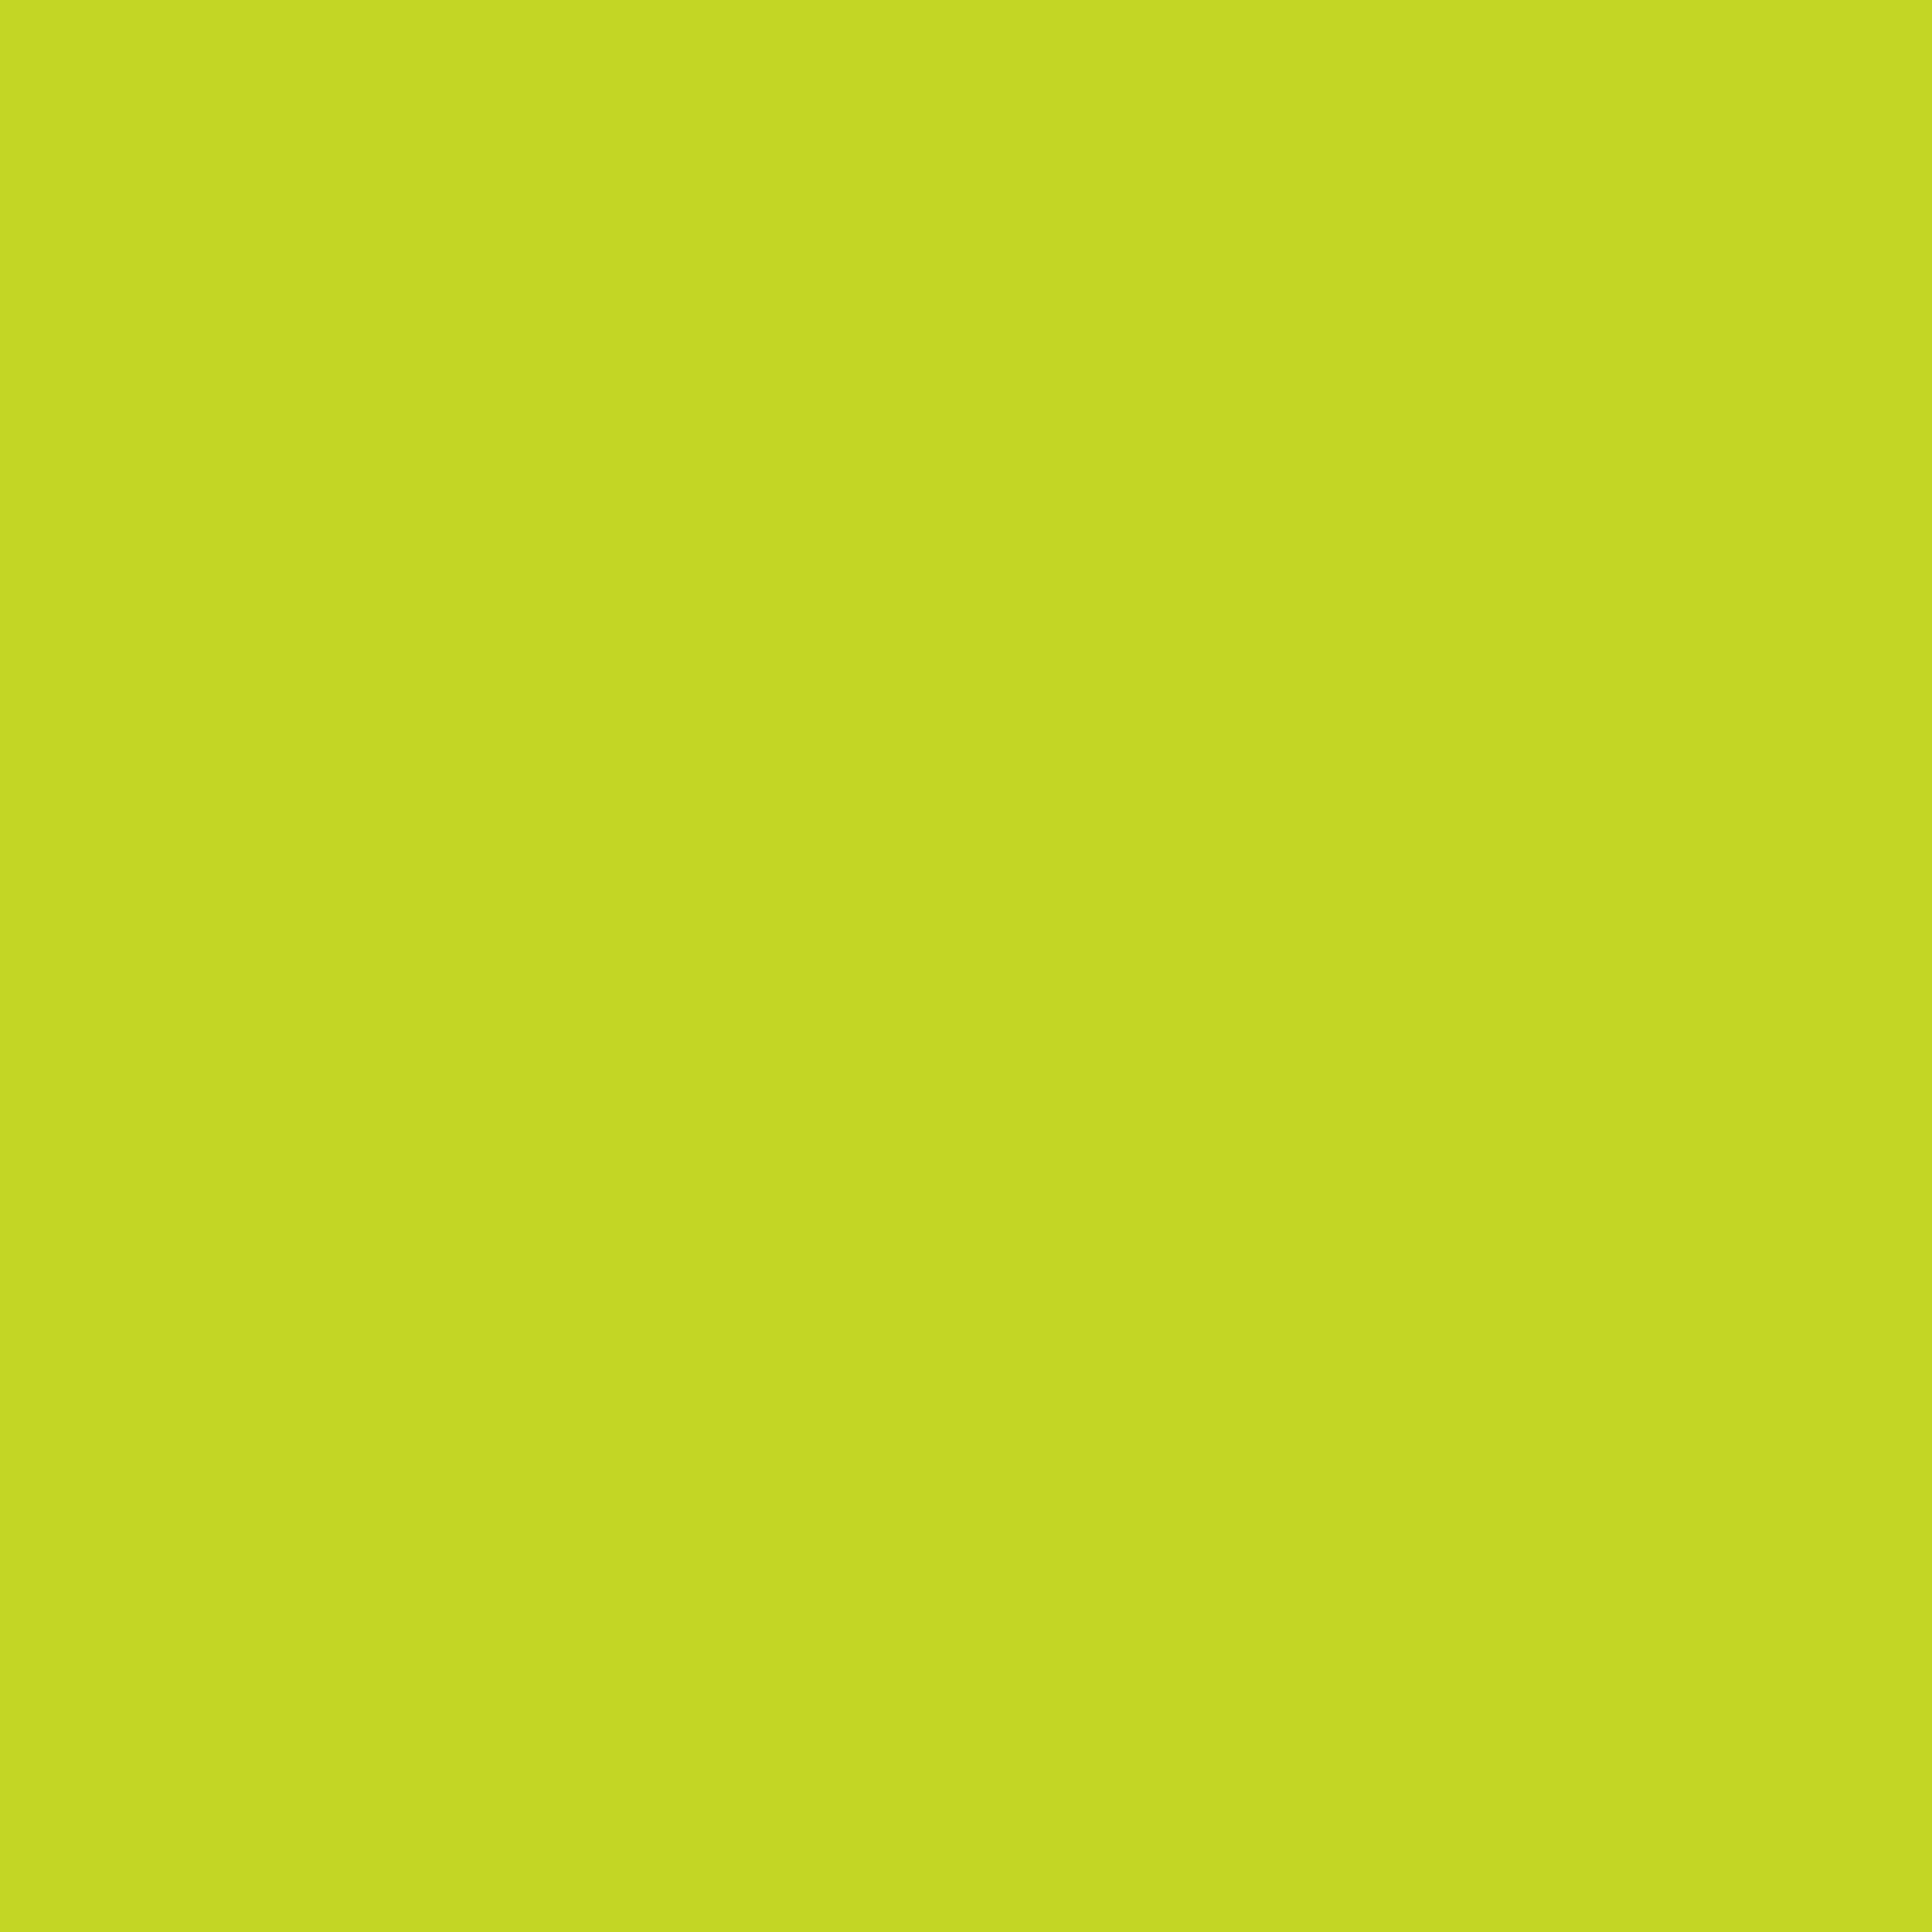 Supplex Verde Limão